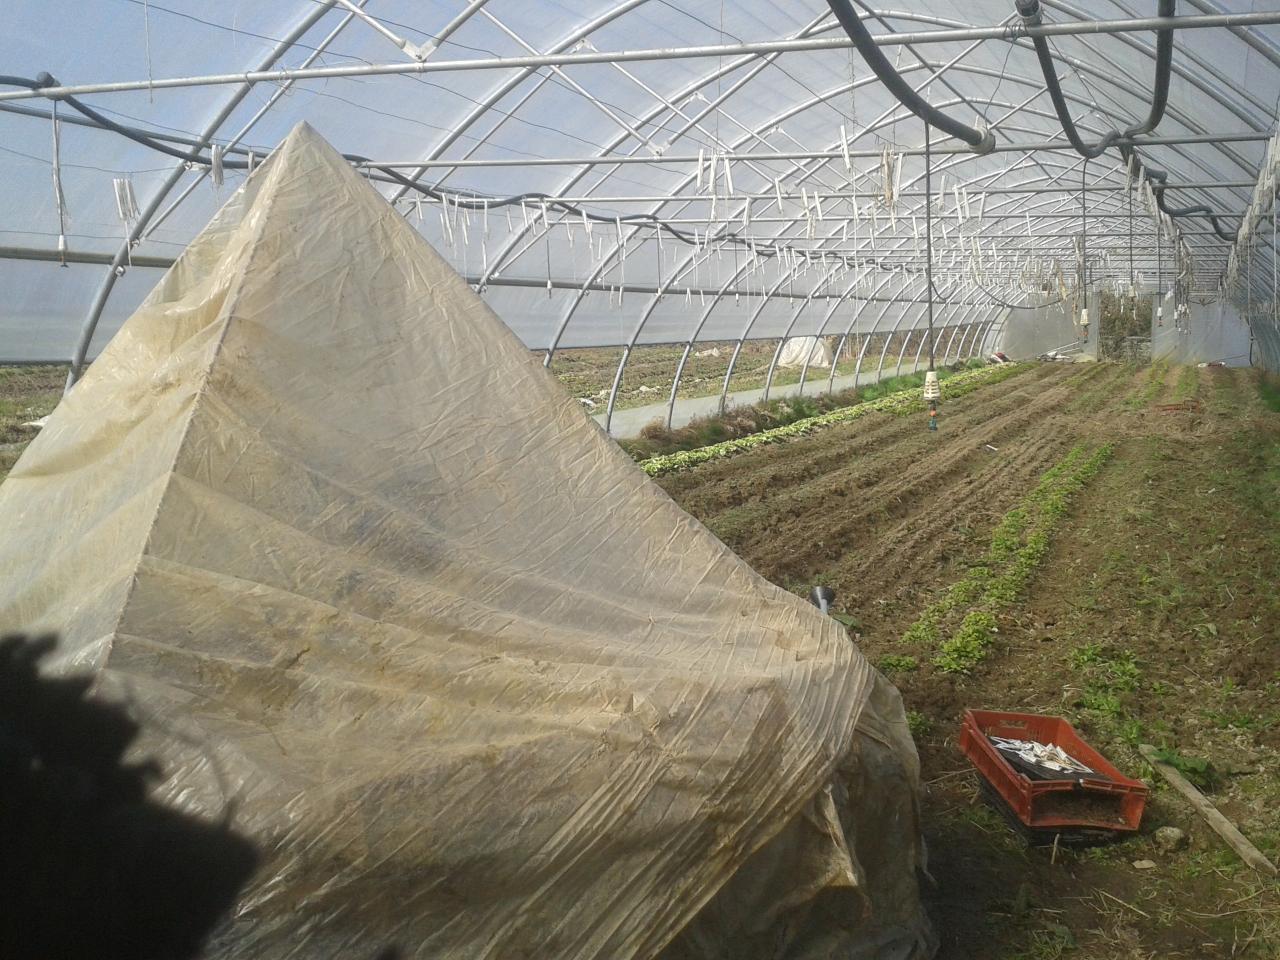 Tunnel au printemps + Mini serre pyramide de semis